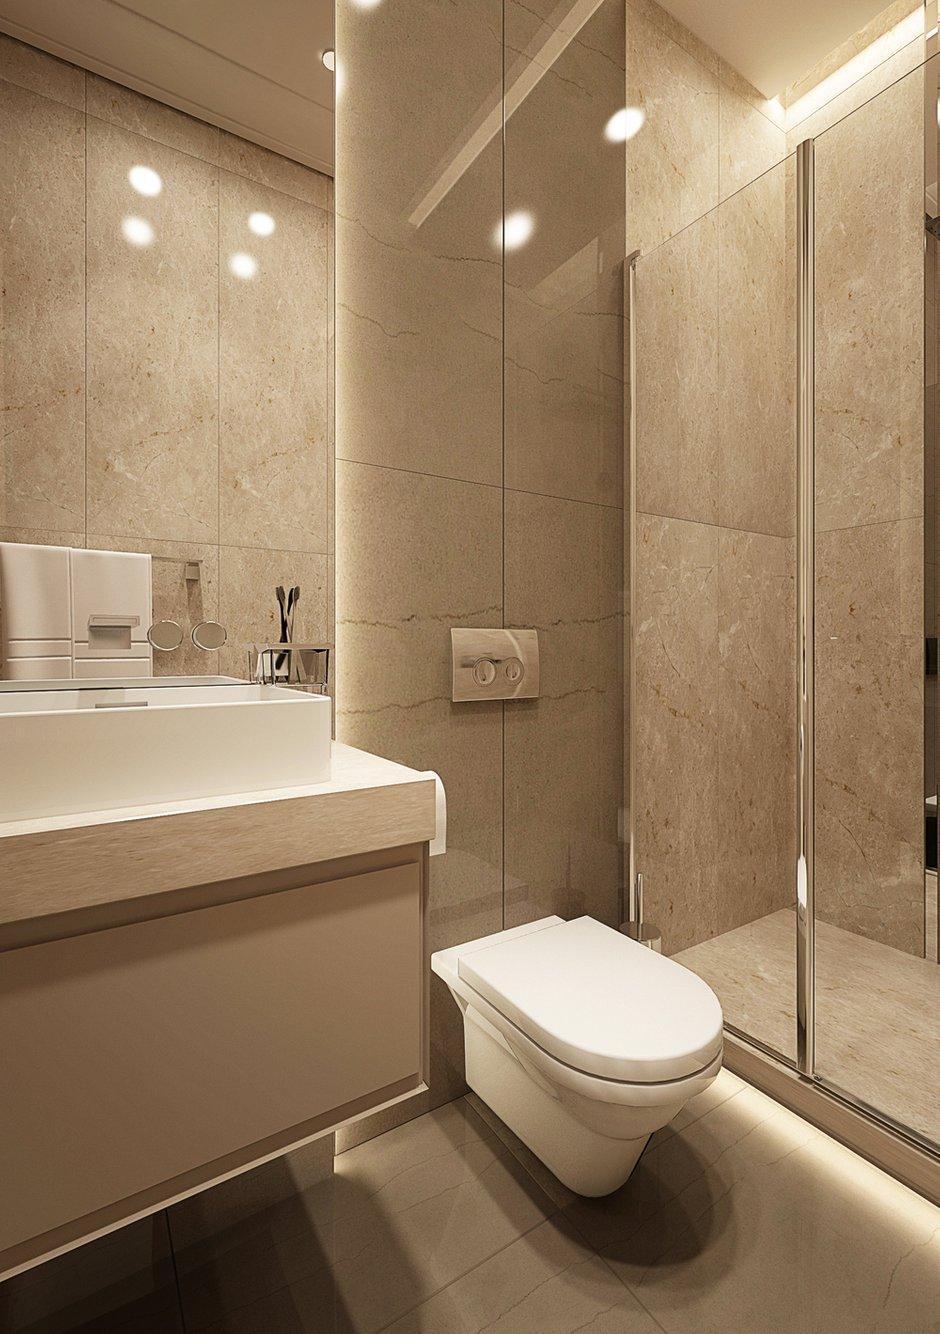 Фотография: Ванная в стиле Современный, Квартира, Проект недели, Москва, Beindesign, ЖК «Резиденция Монэ» – фото на INMYROOM